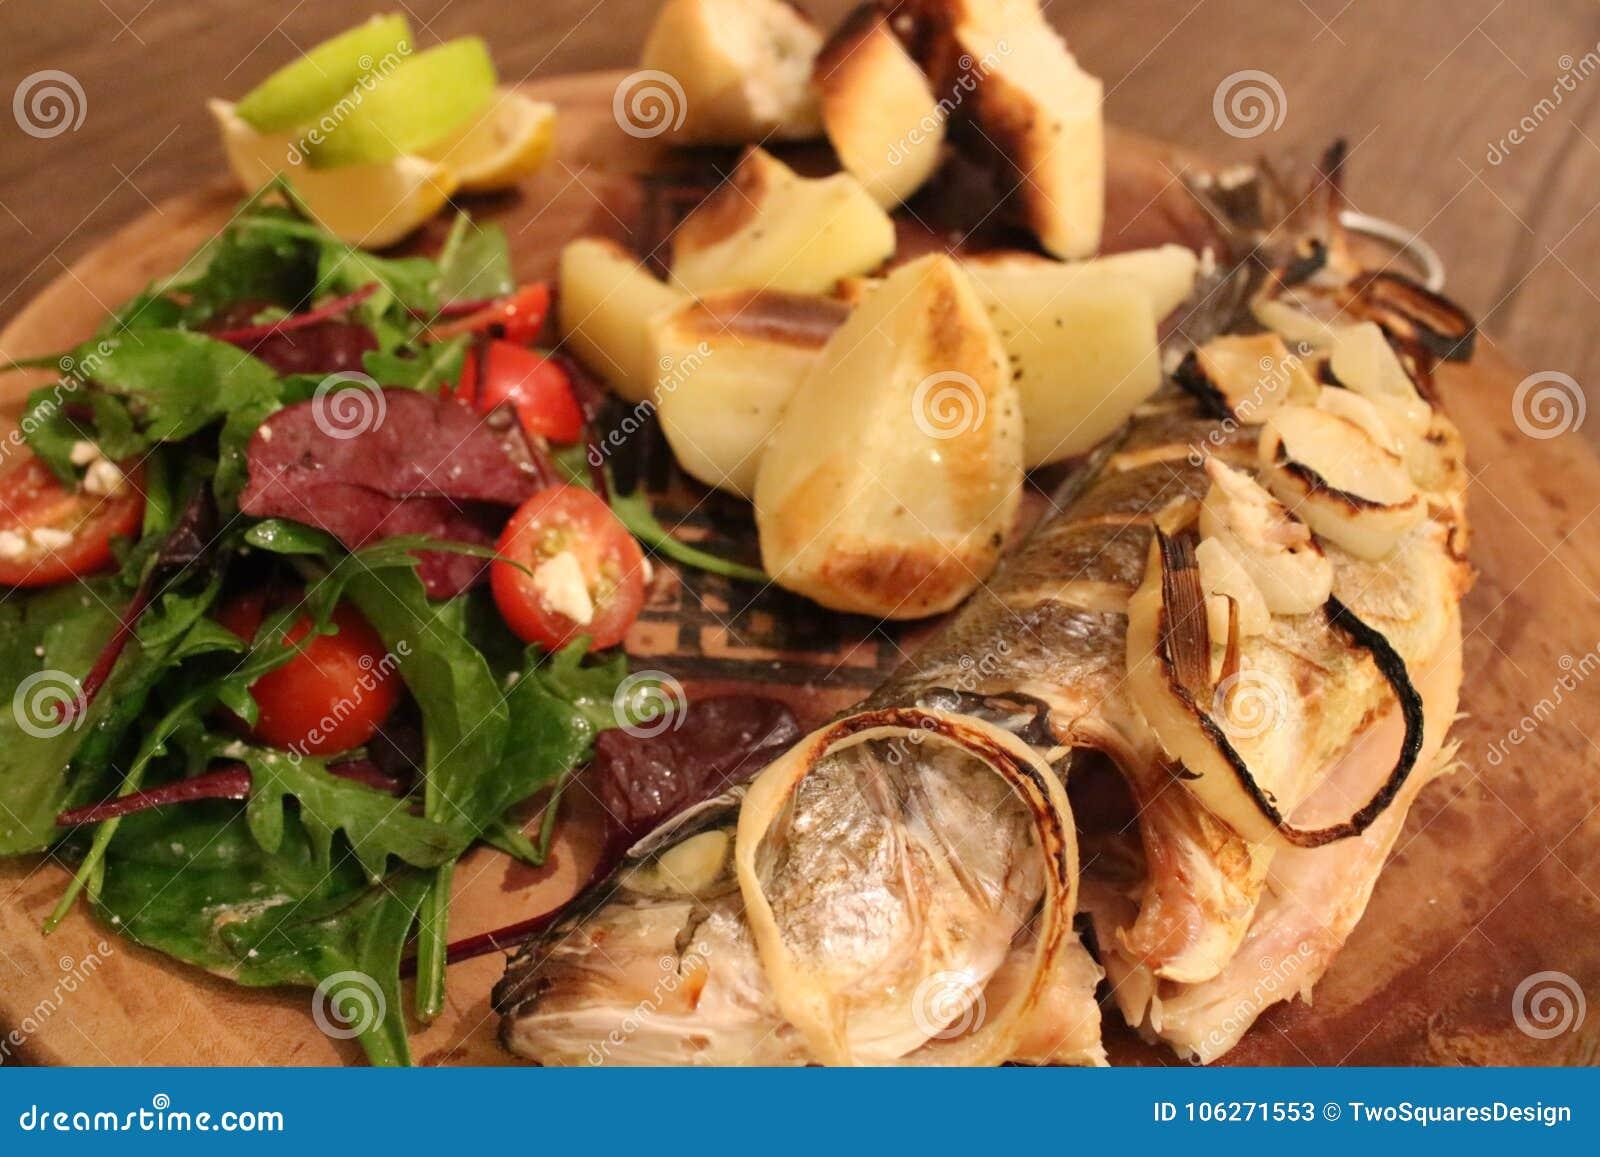 Зажаренная рыба с салатом